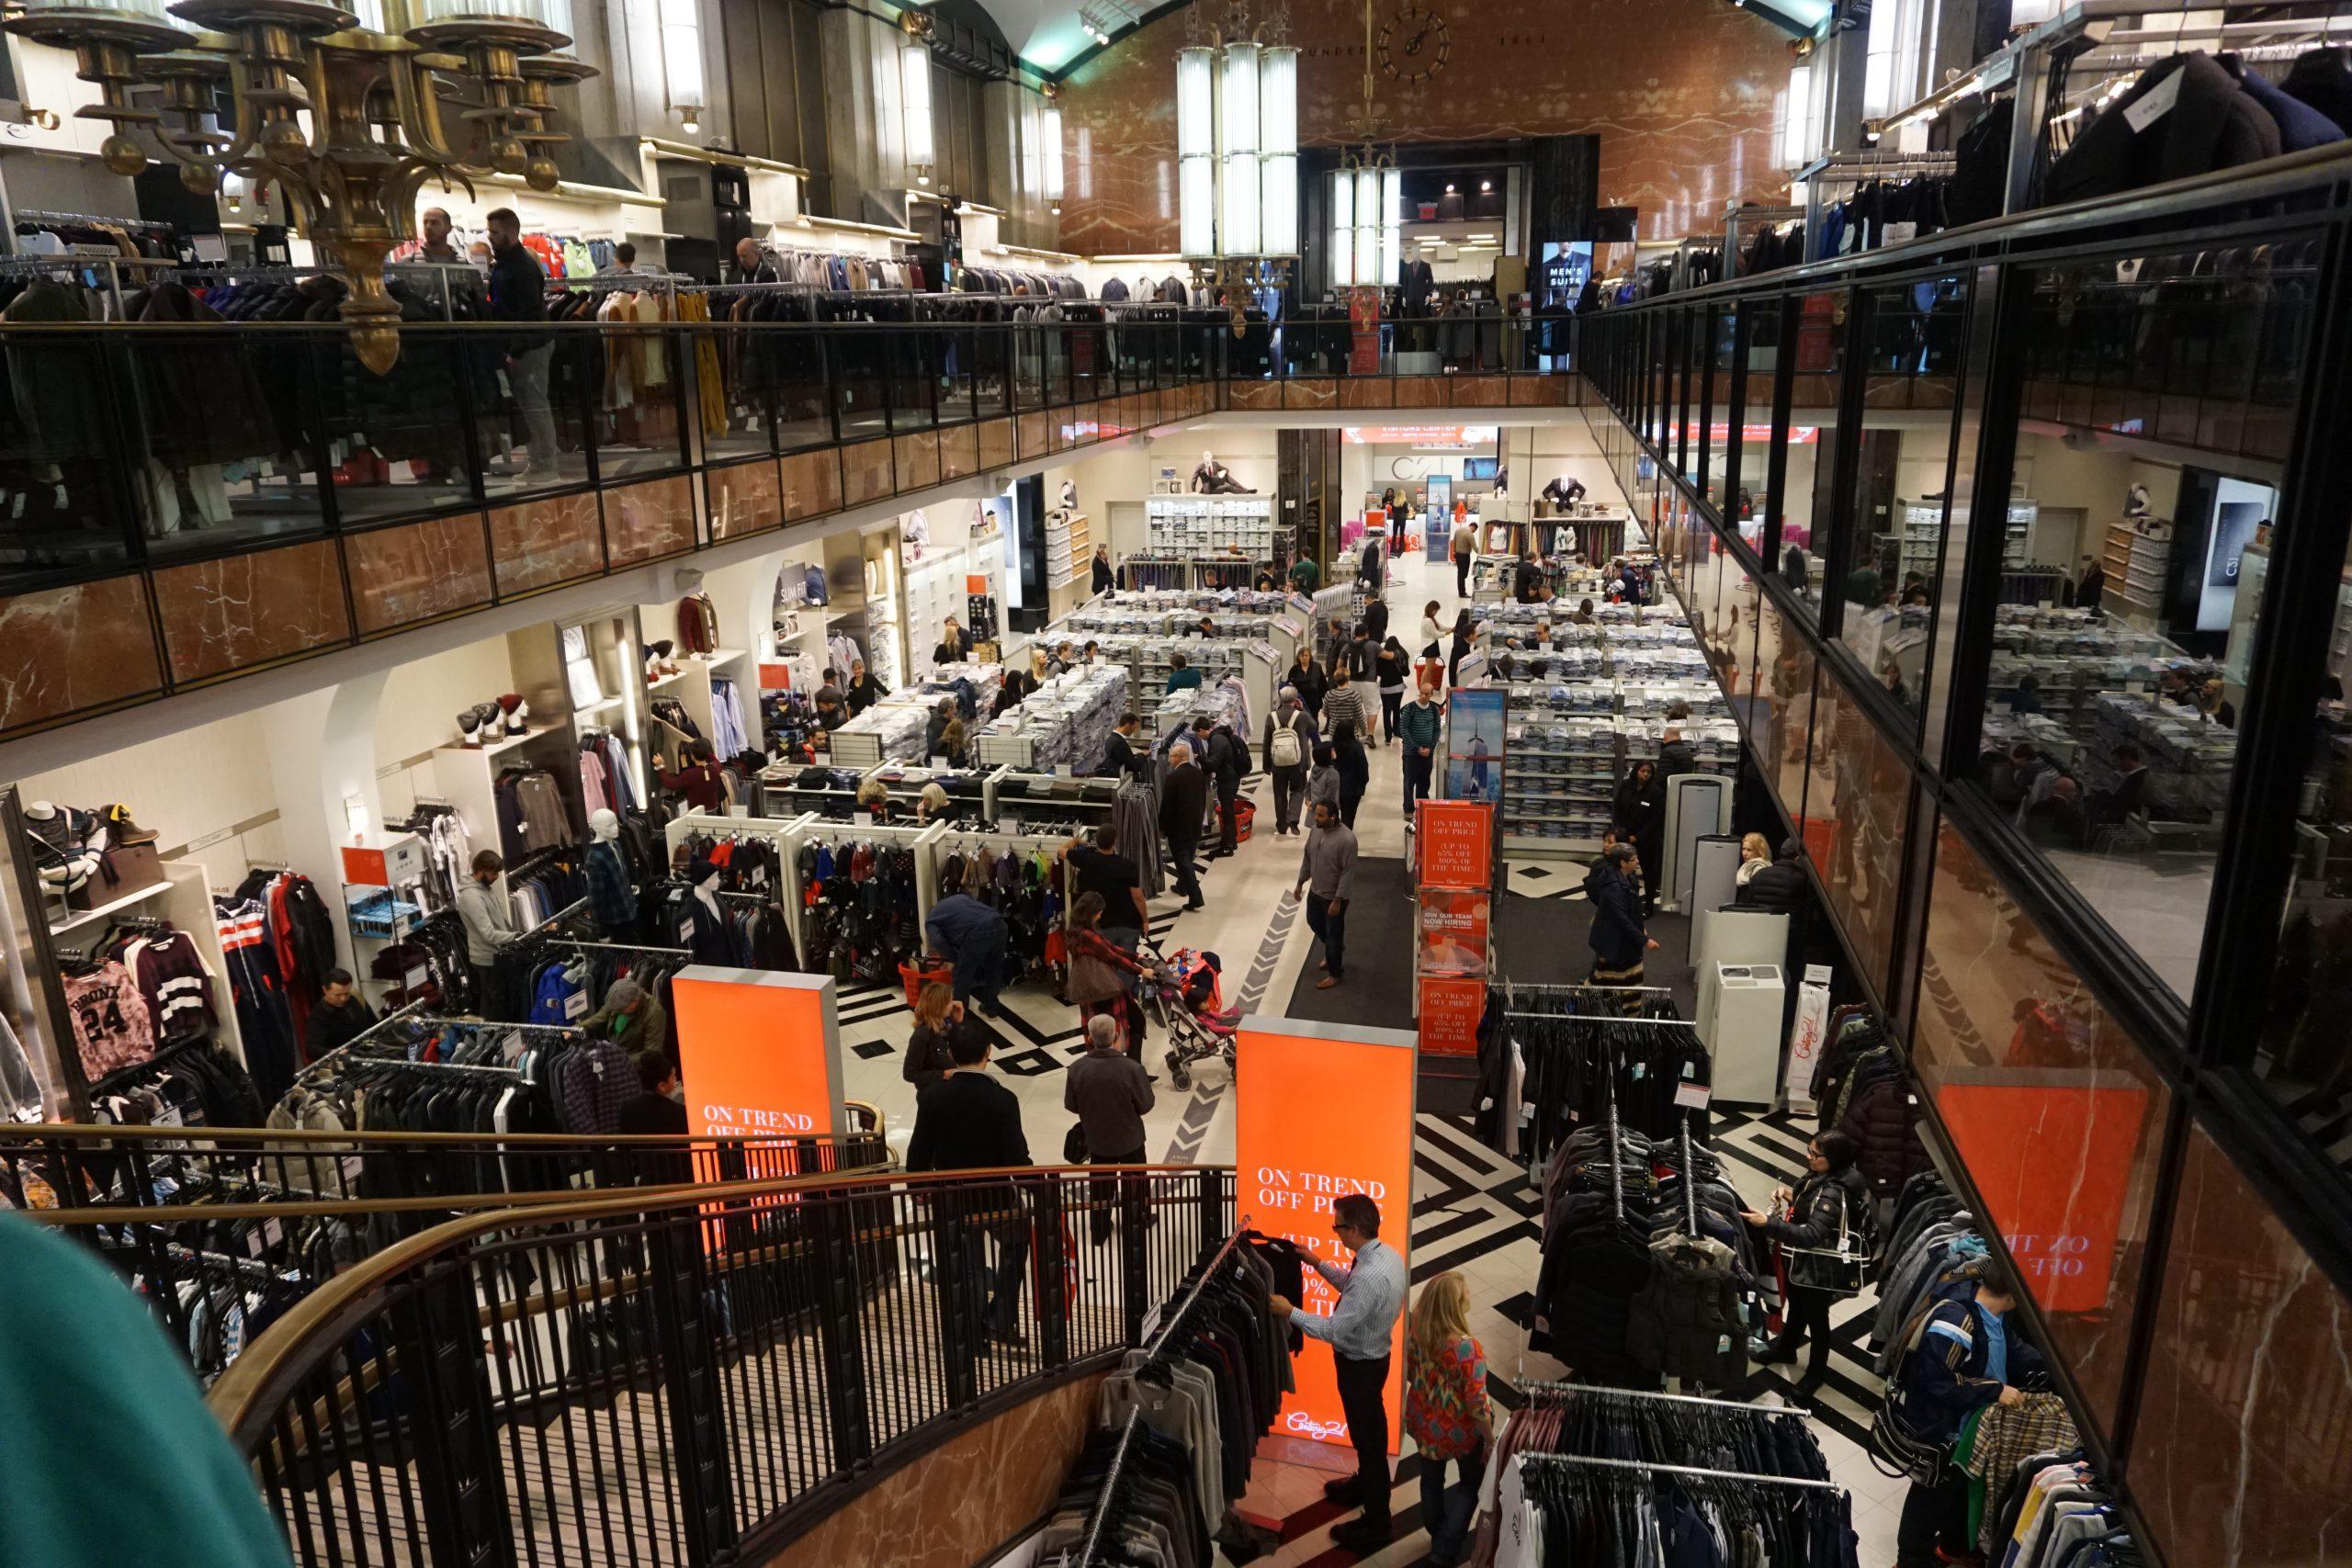 Foto da enorme loja Century 21 em Nova York, um dos lugares mais interessantes para as compras